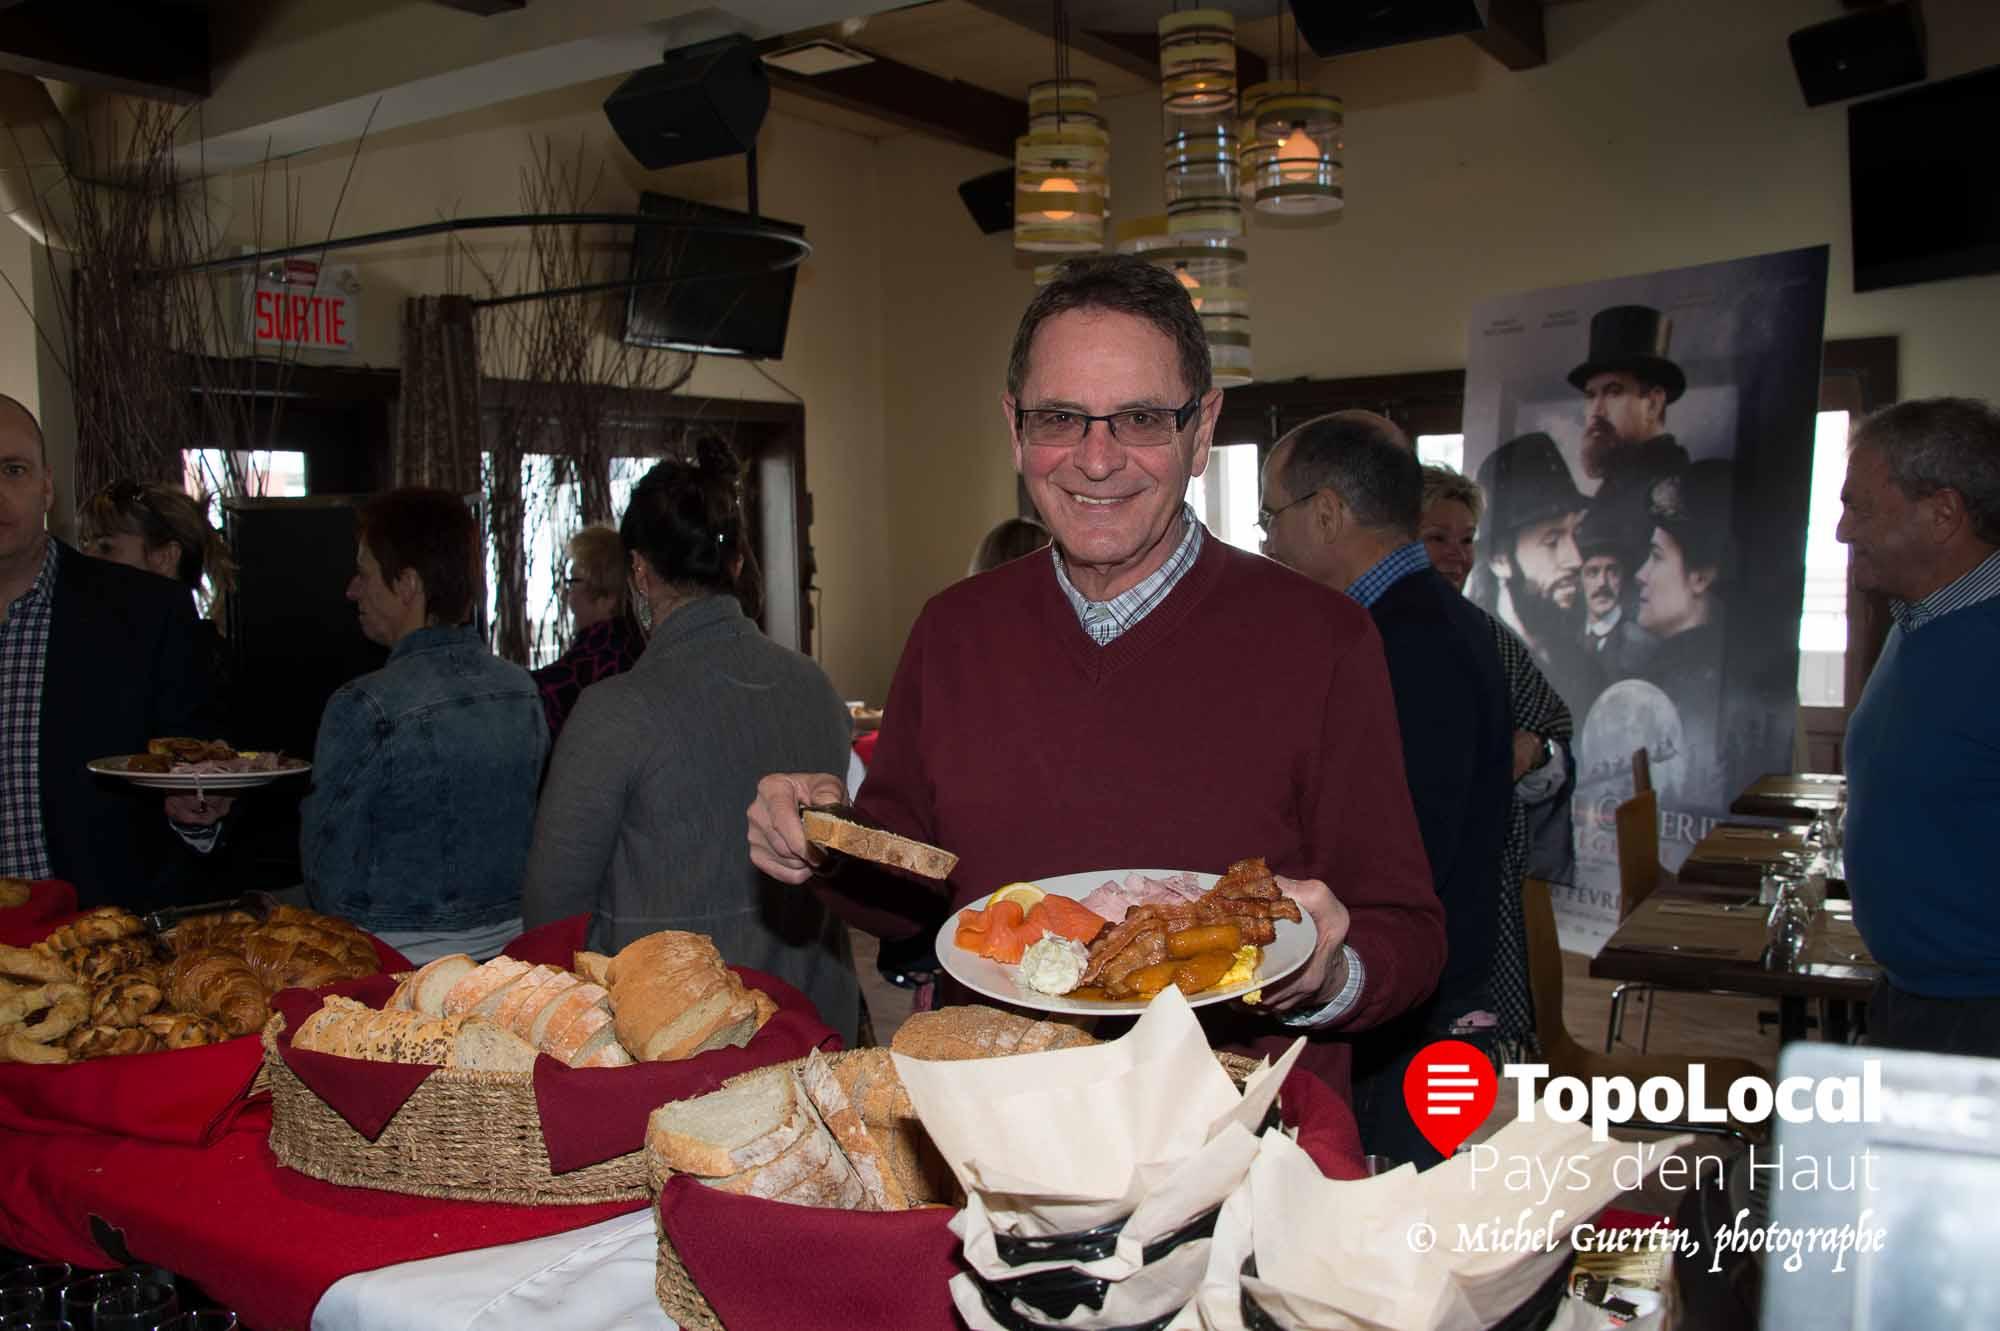 André Mousseau du restaurant Luau a apprécié de changer de menu pour cette première en venant visiter son ami Louis Desjardins.